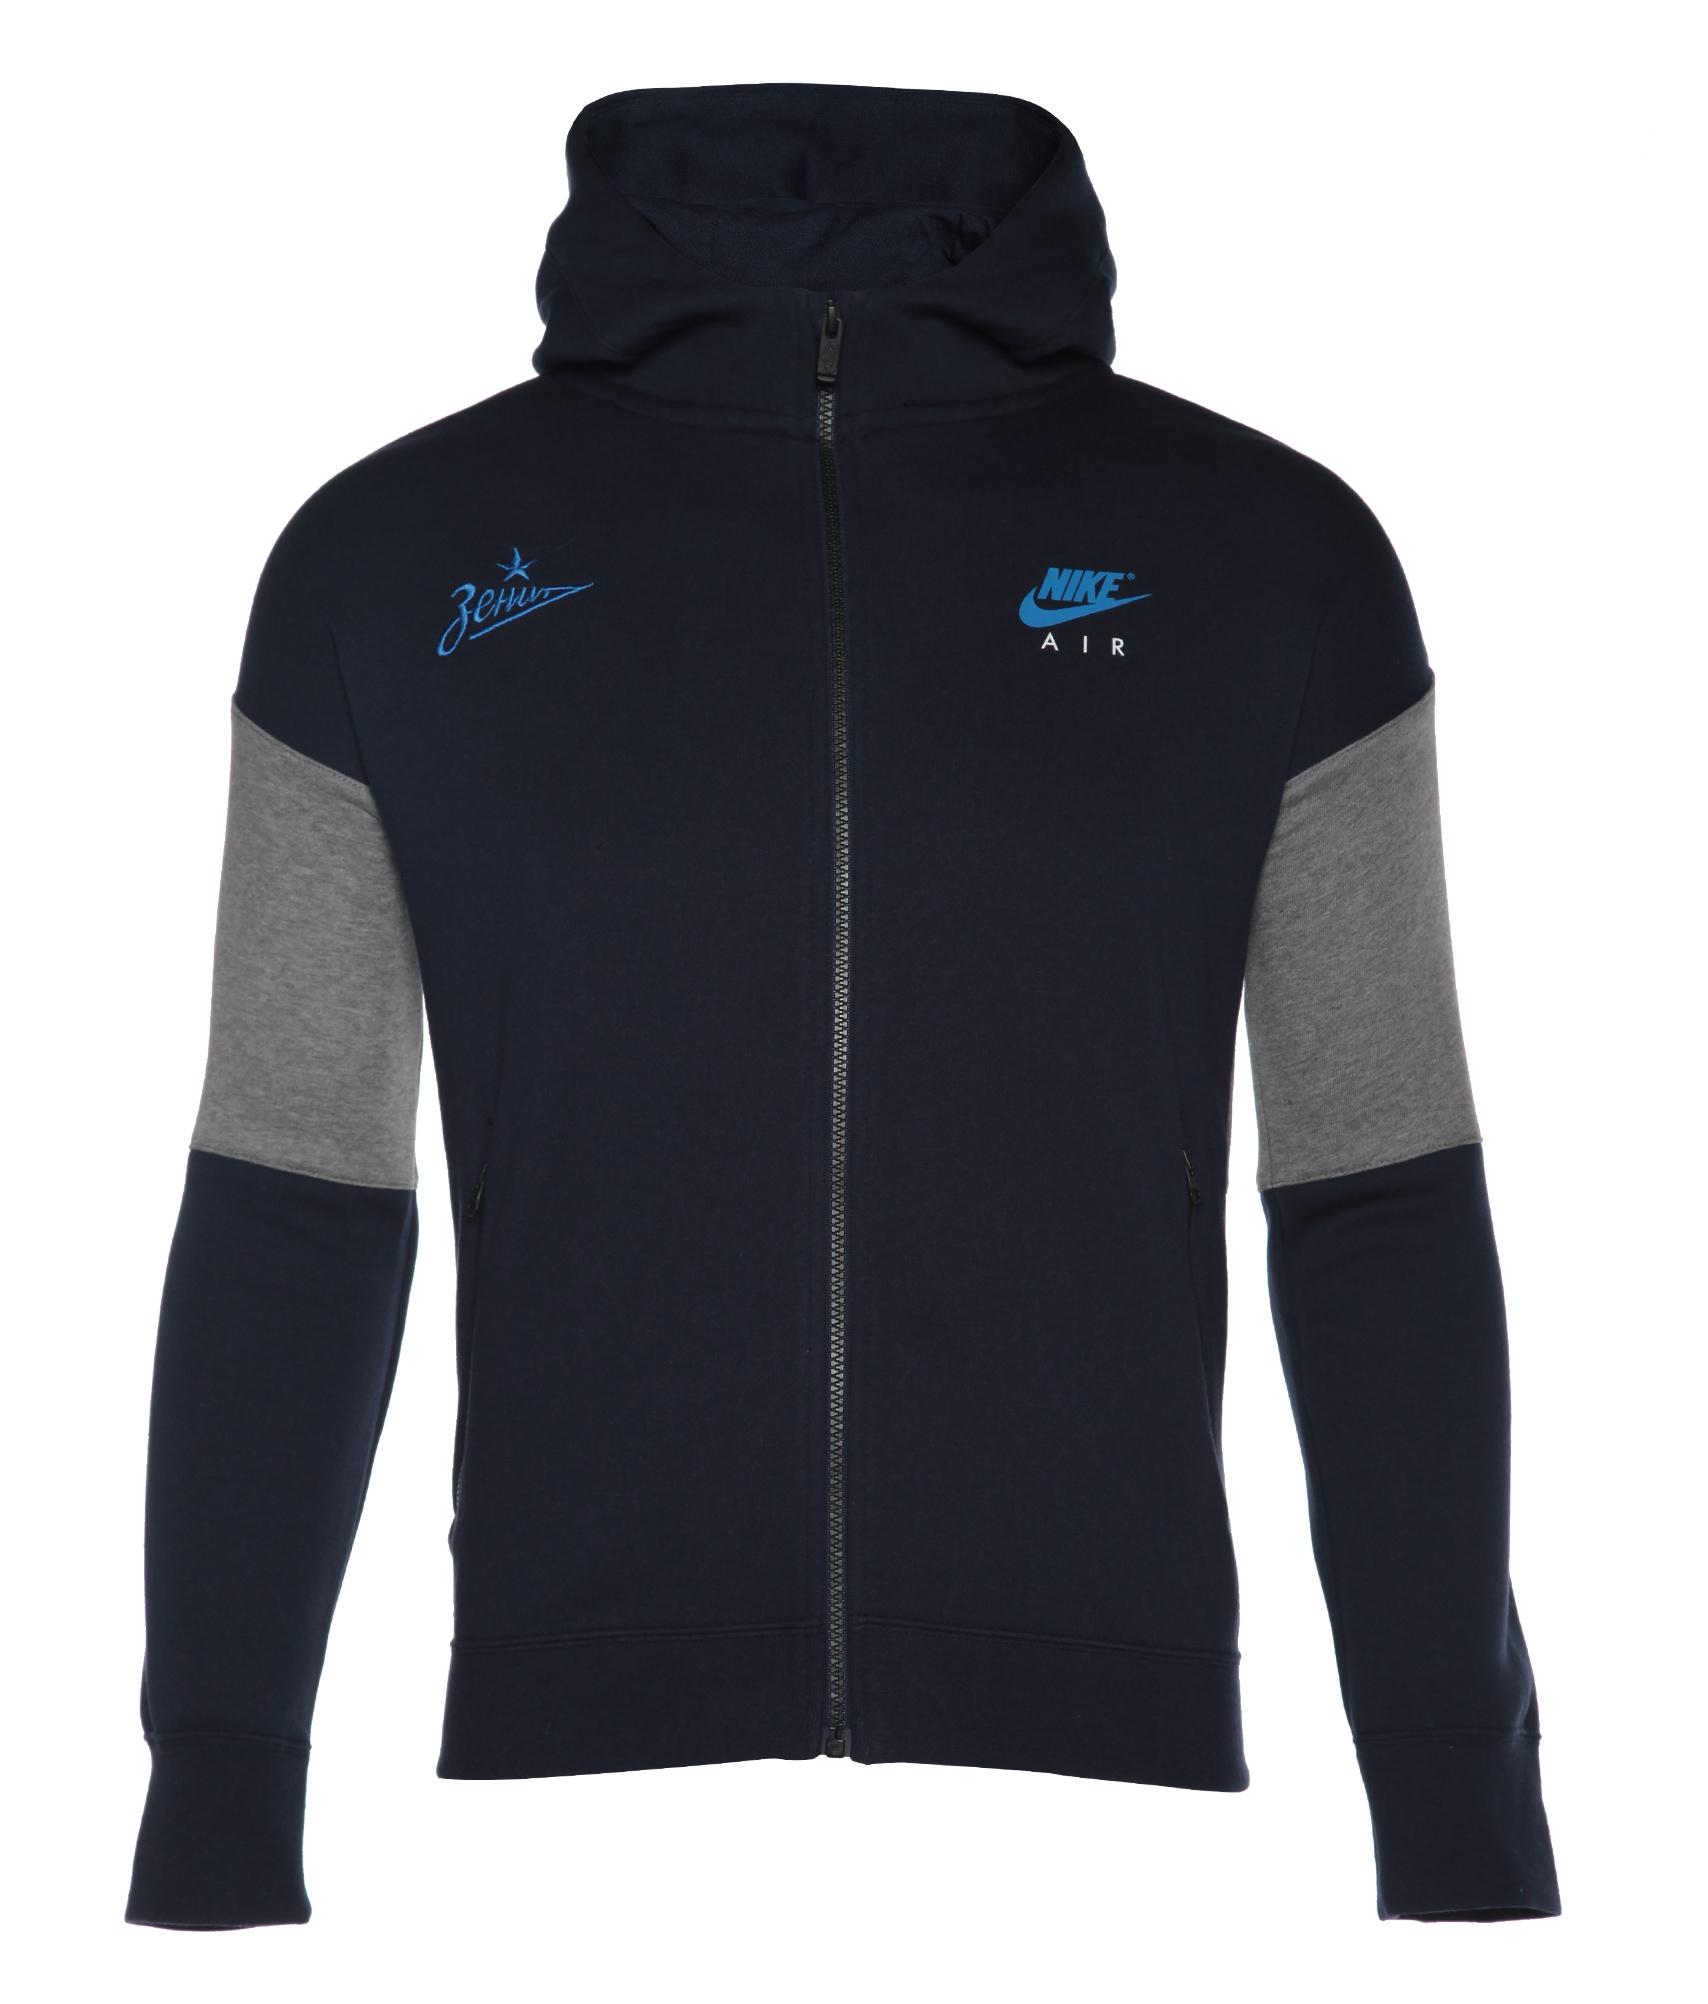 Толстовка подростковая с капюшоном Nike Цвет-Темно-Синий